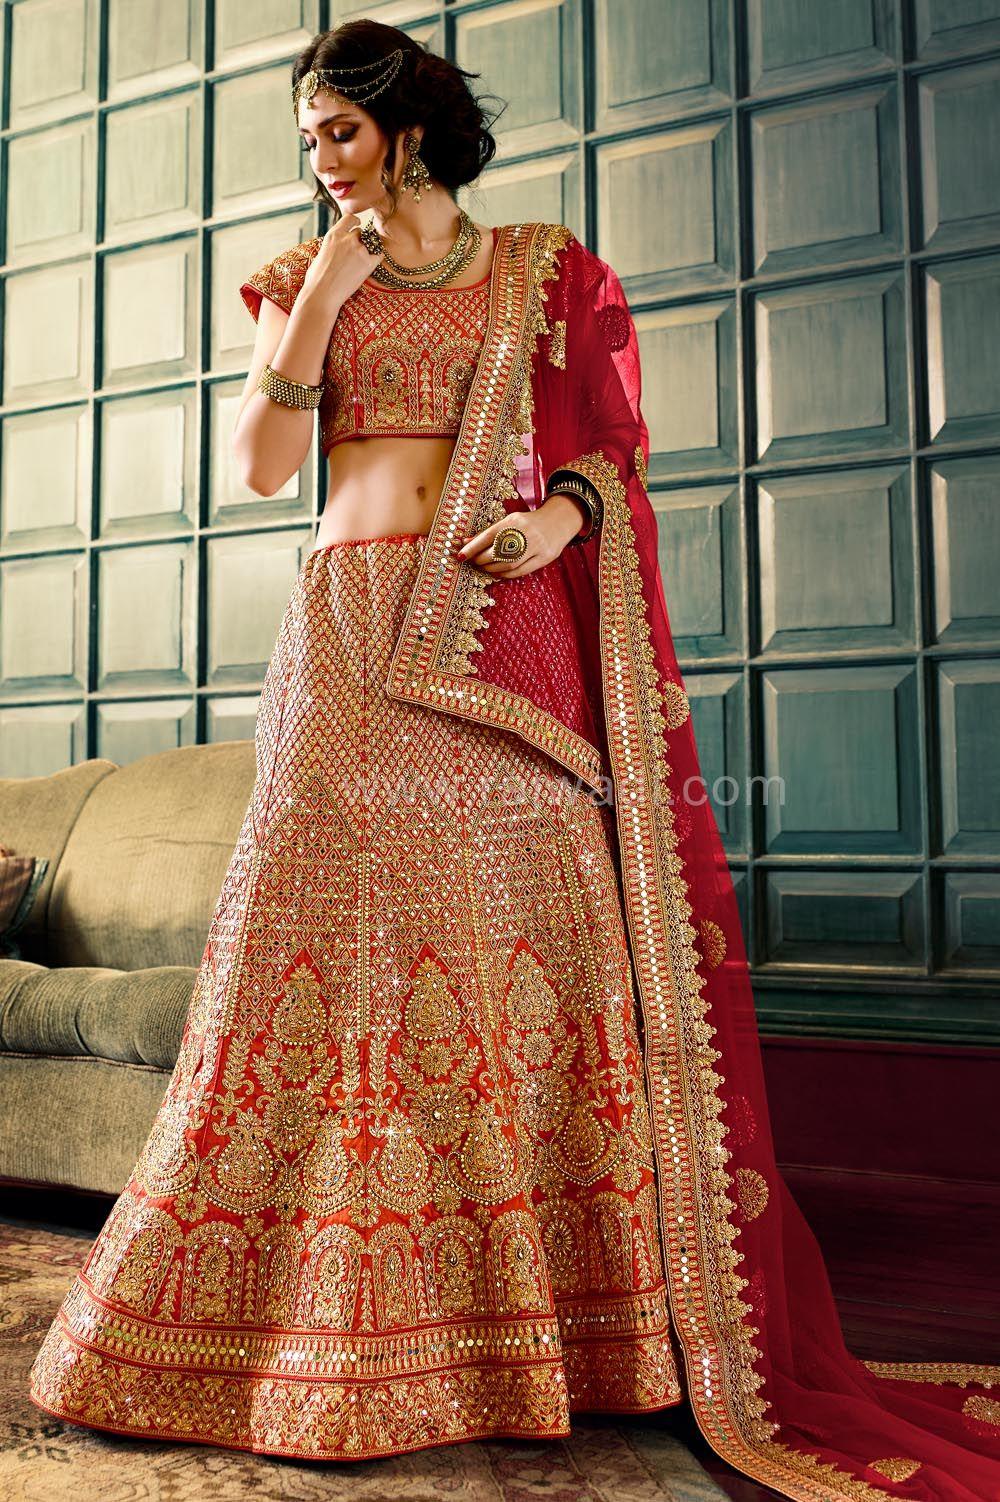 0876ebcbe9 Designer Rust Coloured Lehenga Choli #RoyalLook #LehengaCholi #Unstitched  Lehenga